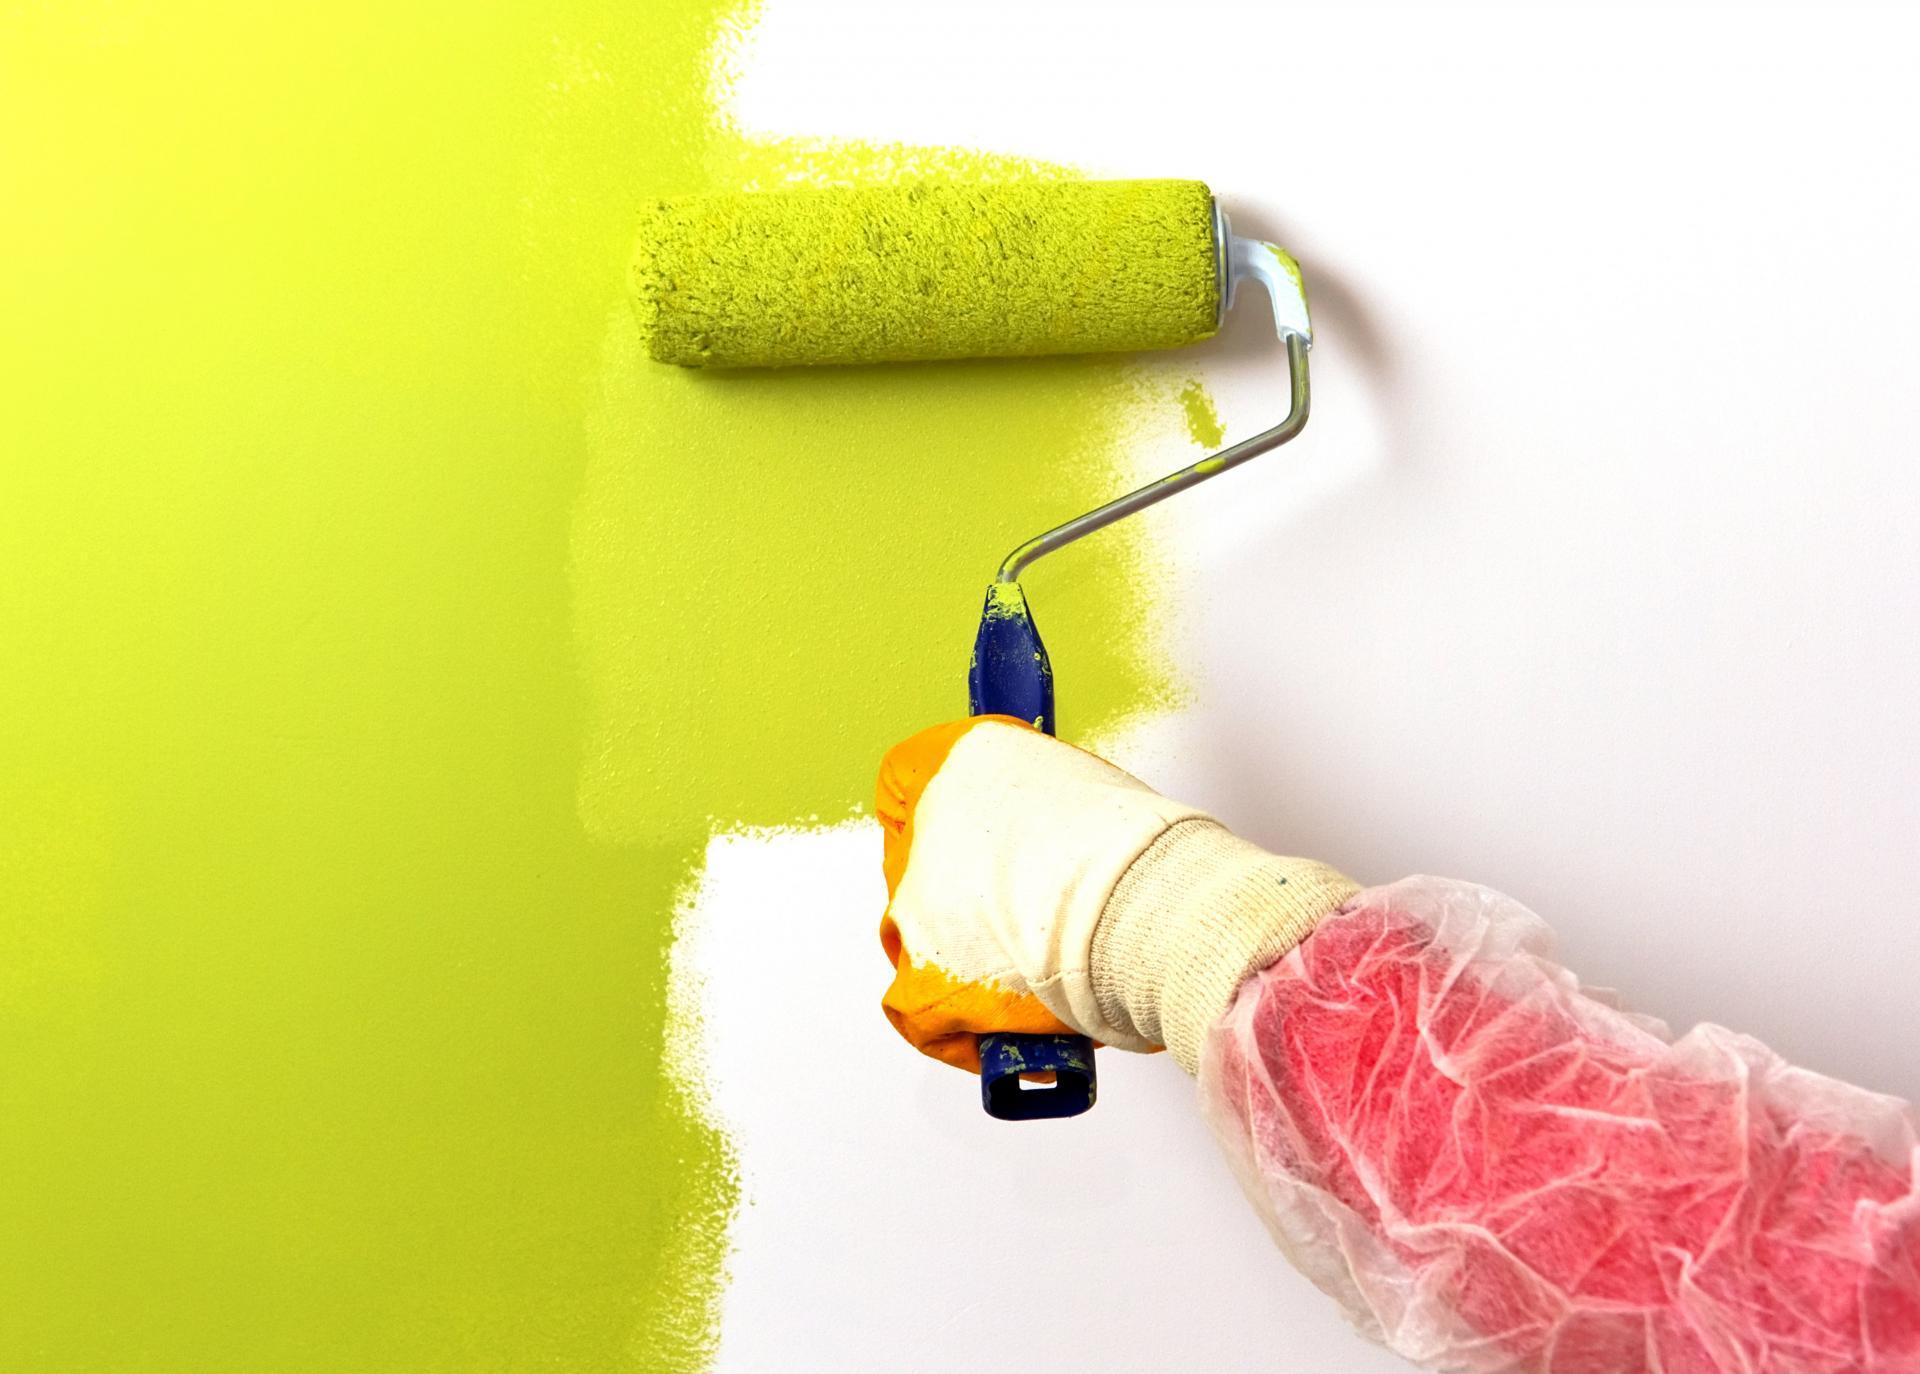 Как быстро убрать запах краски в квартире